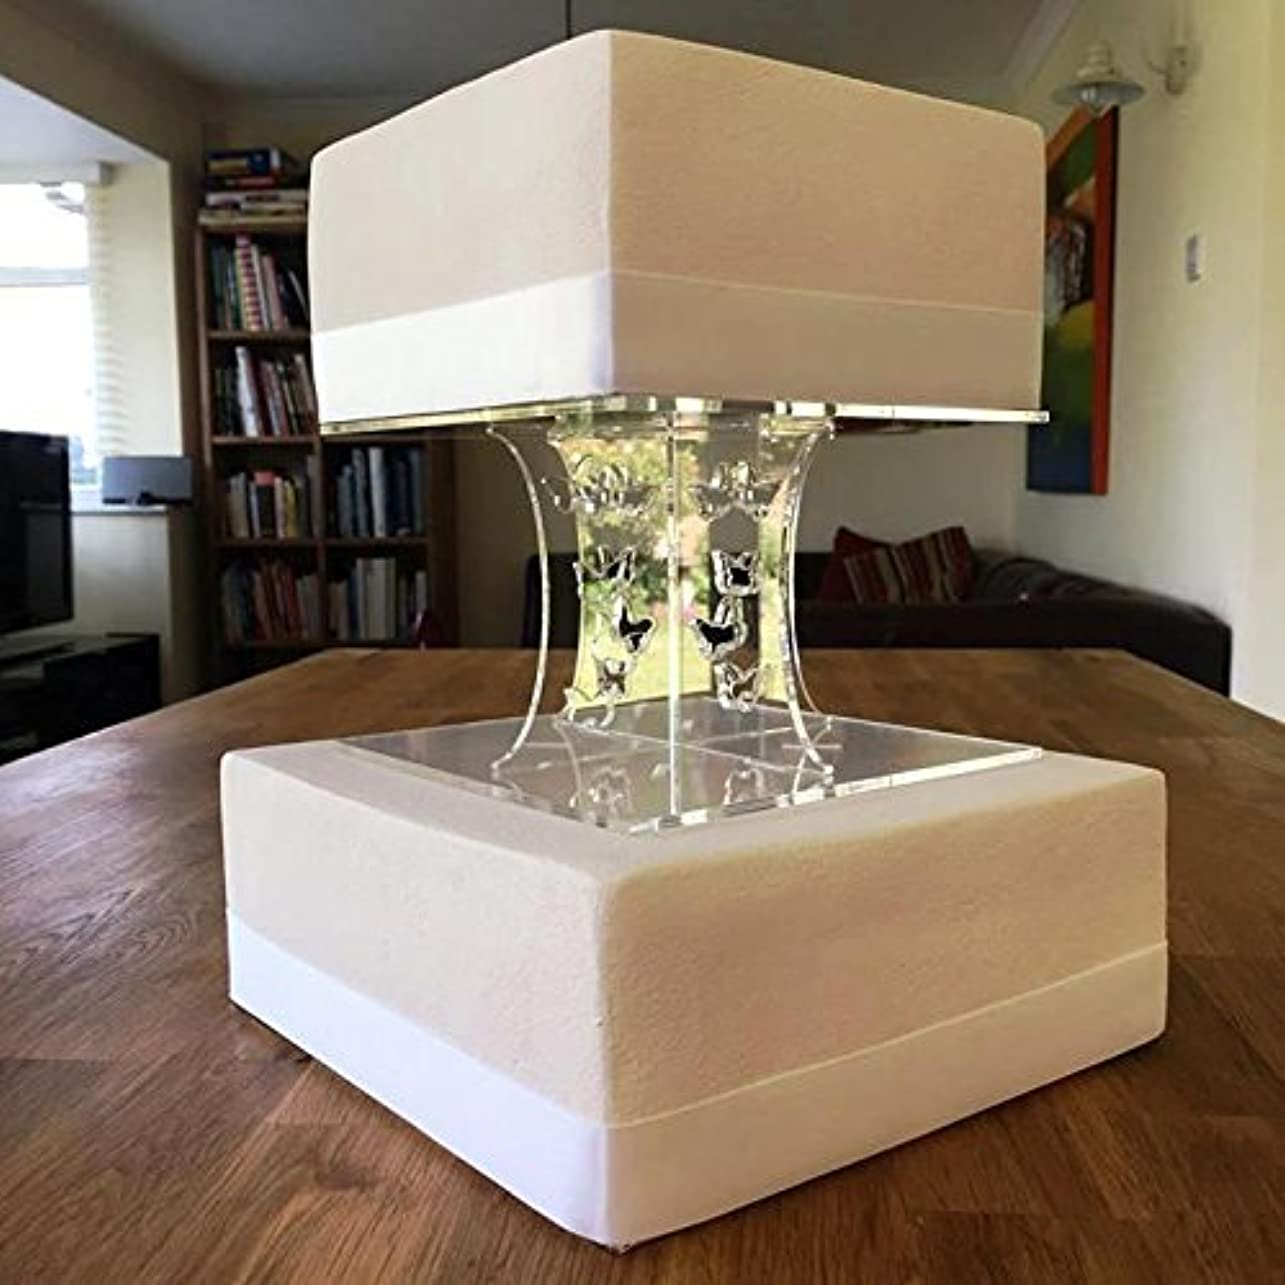 病気の仮装サイクロプスケーキPillars Squareバタフライ Base 18 cm, Top 15 cm クリア SCC-Cake-Pillars-SQ-BT-Clear-18X15